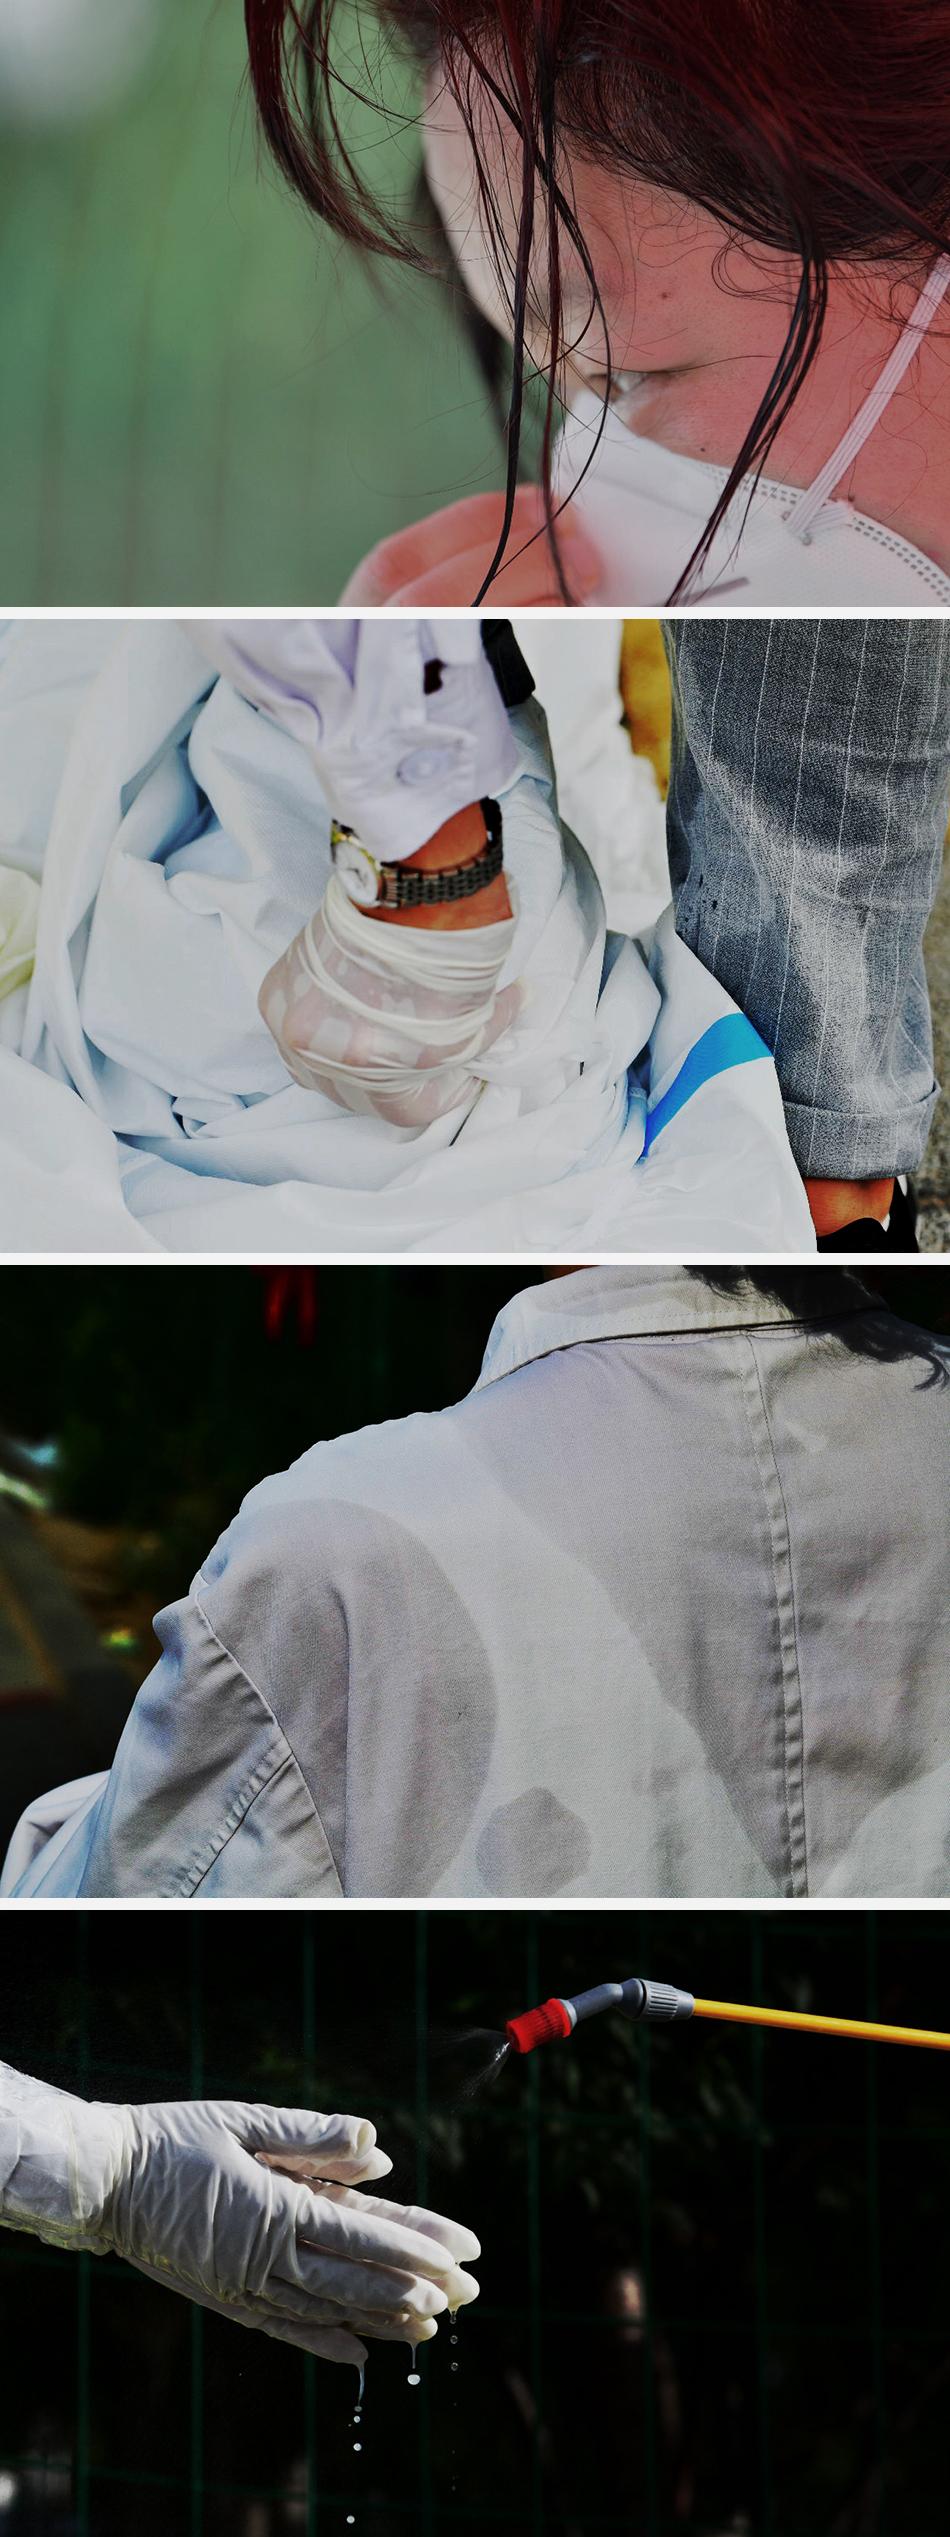 6月15日,北京丰台区一处咽拭子采集点,工作人员们在高温下工作。汗水打湿了他们的头发,脱下防护服后的衣服已经湿透。人民视觉 图